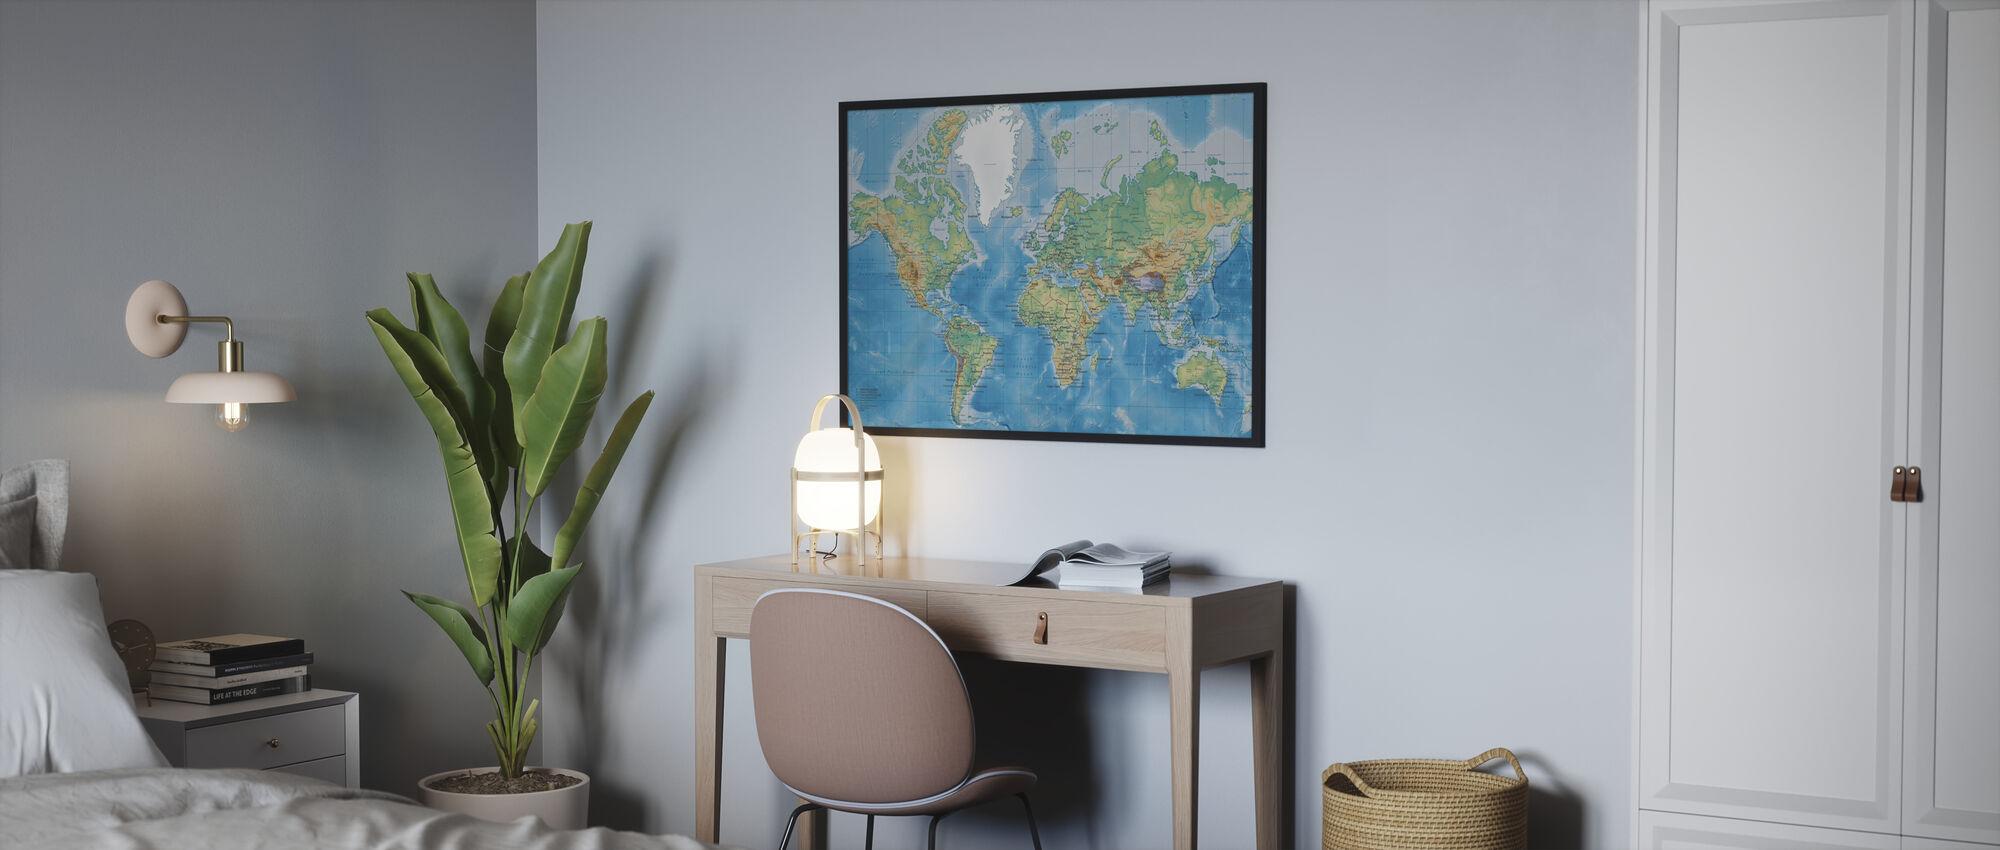 Maailmankartta Yksityiskohtainen - Kehystetty kuva - Makuuhuone